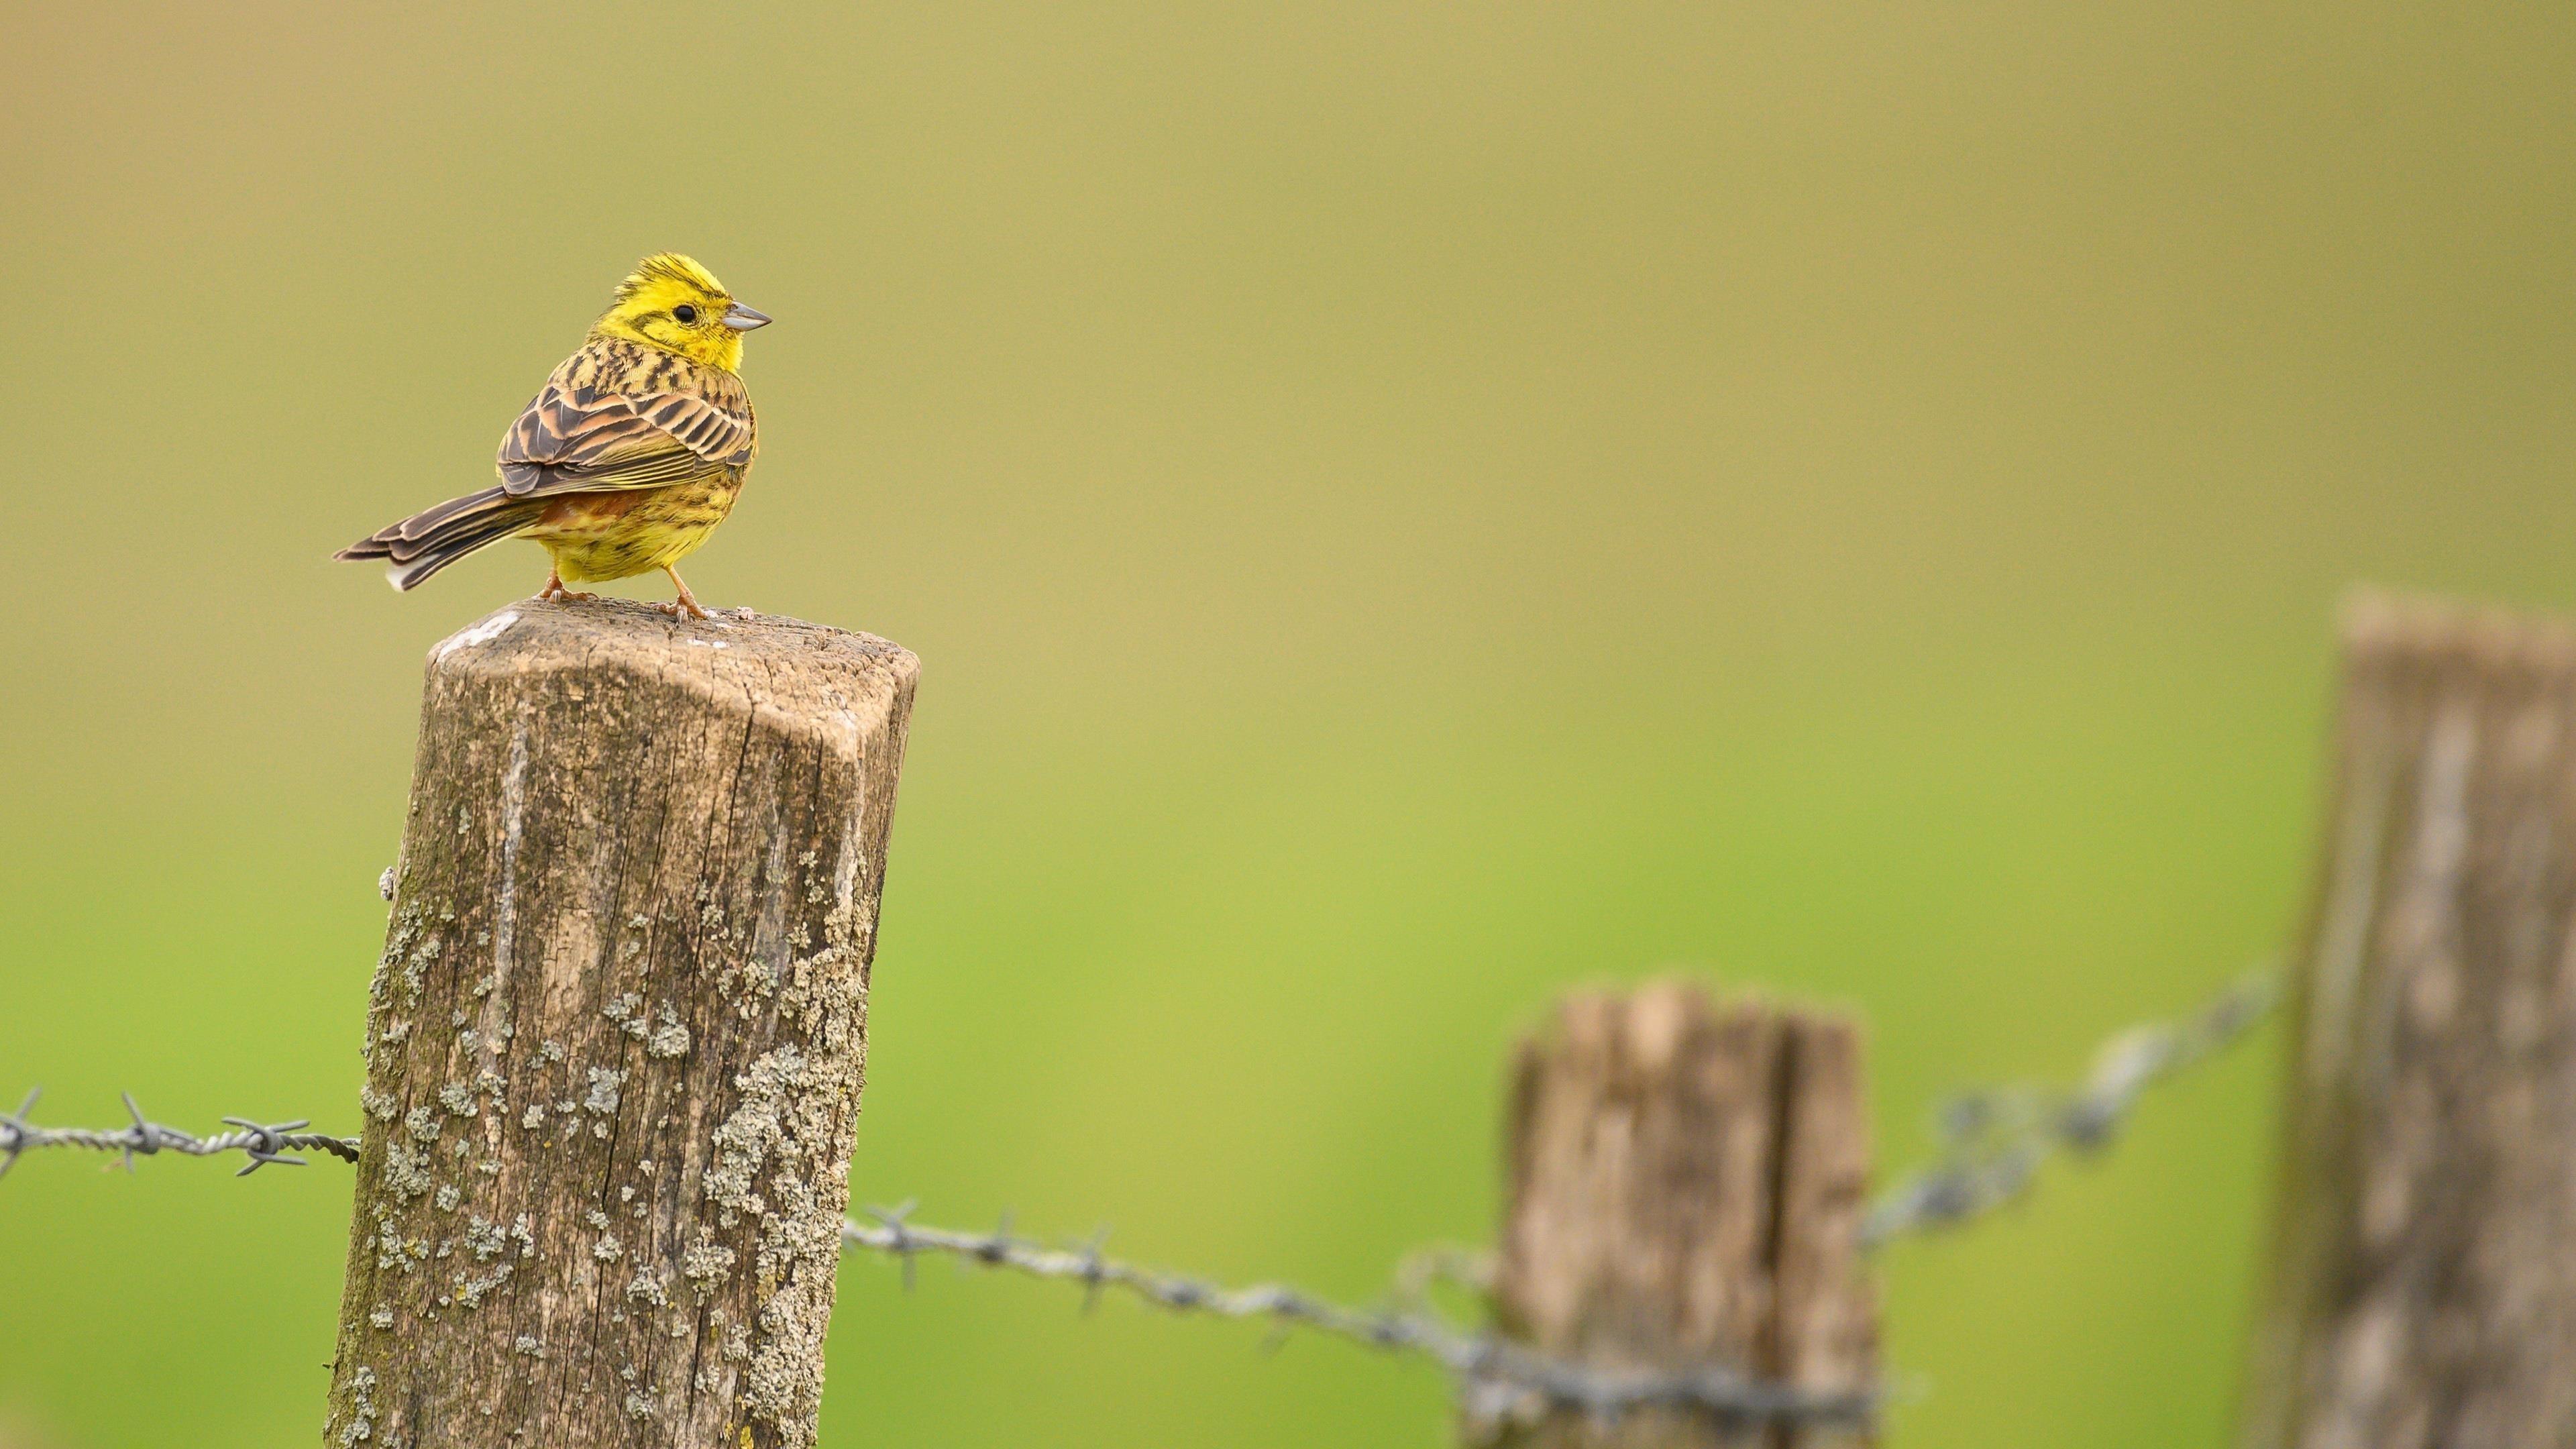 Животное птица обои скачать